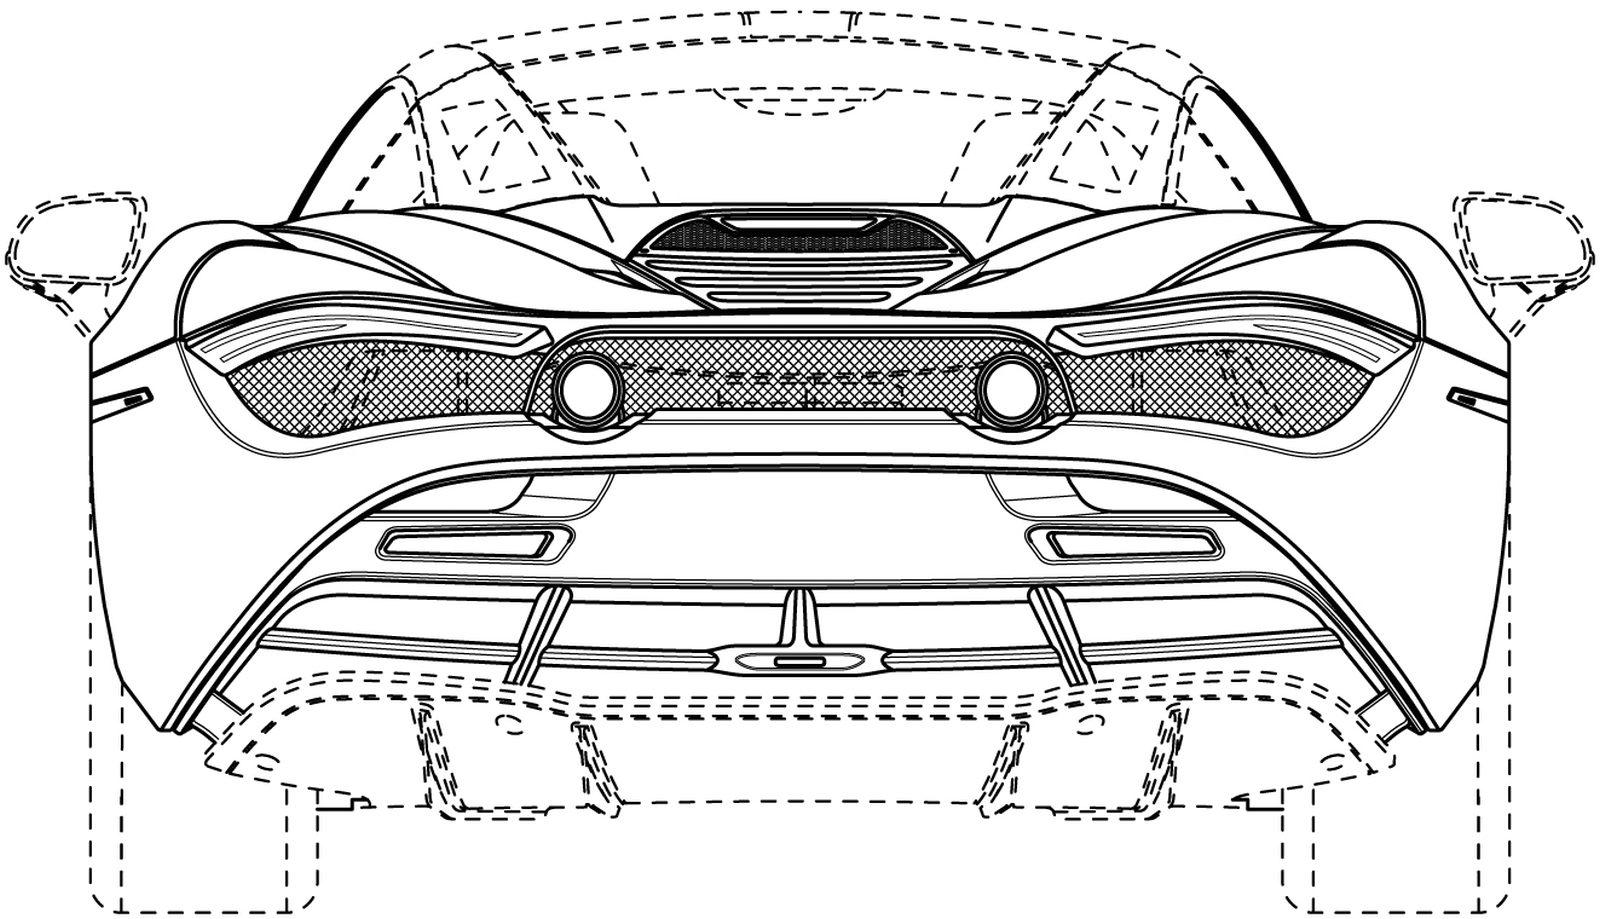 McLaren_720S_Spider_patent_images_0003